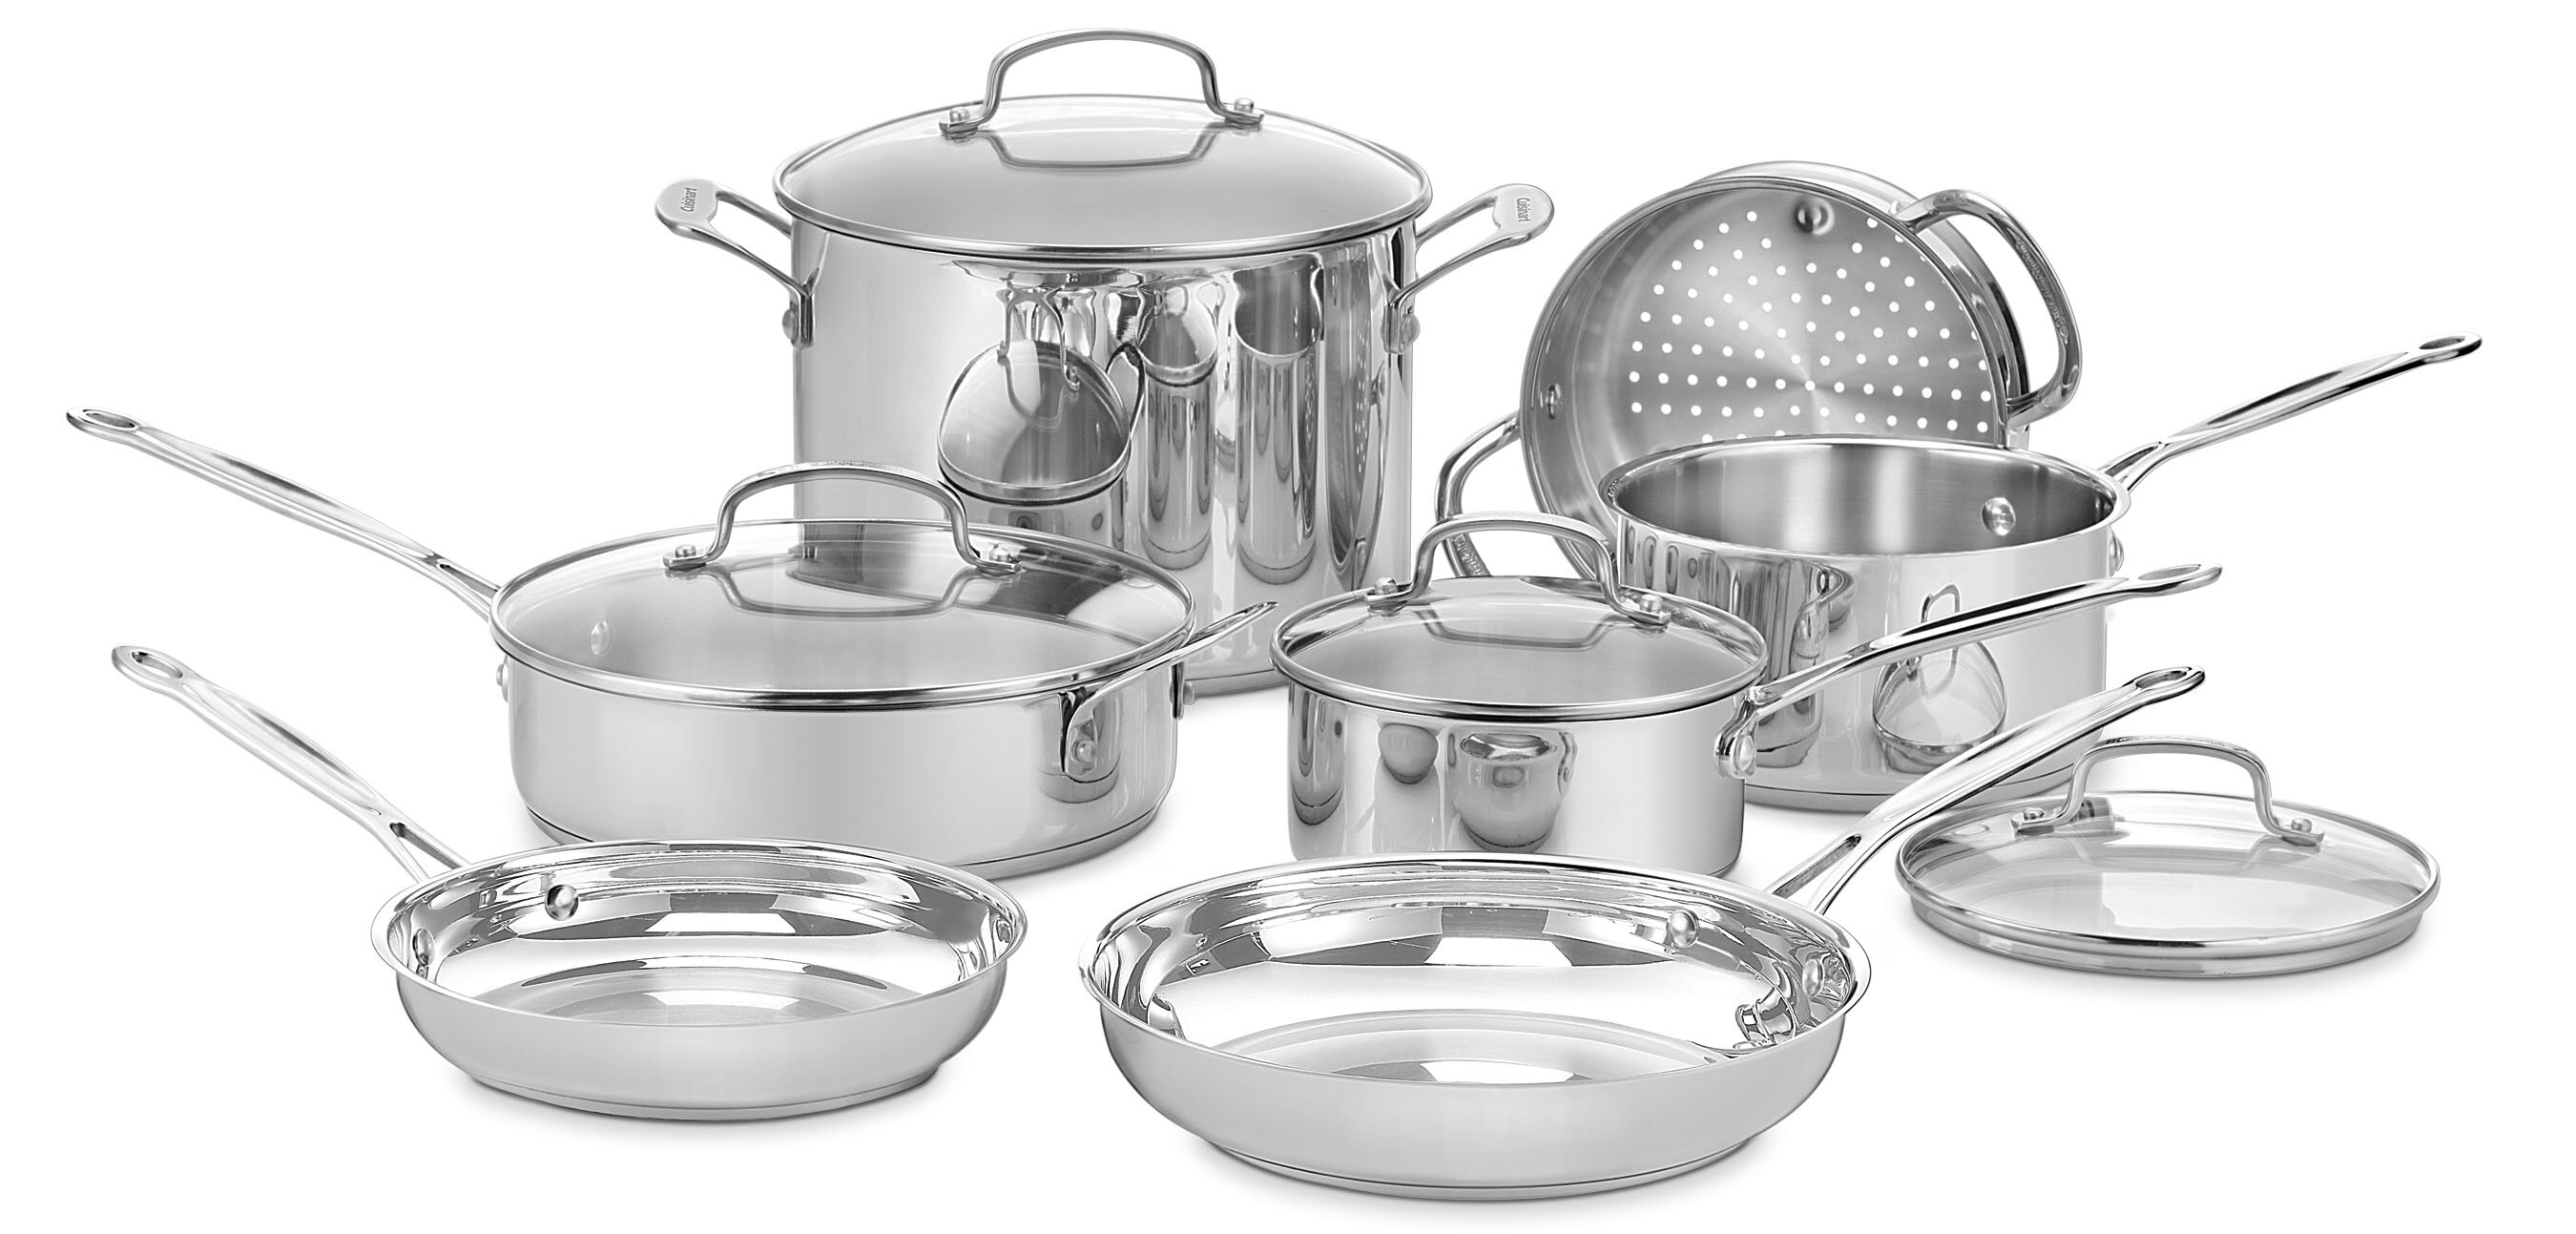 Cuisinart Chef S Classic 11 Piece Stainless Steel Cookware Set Reviews Joss Main